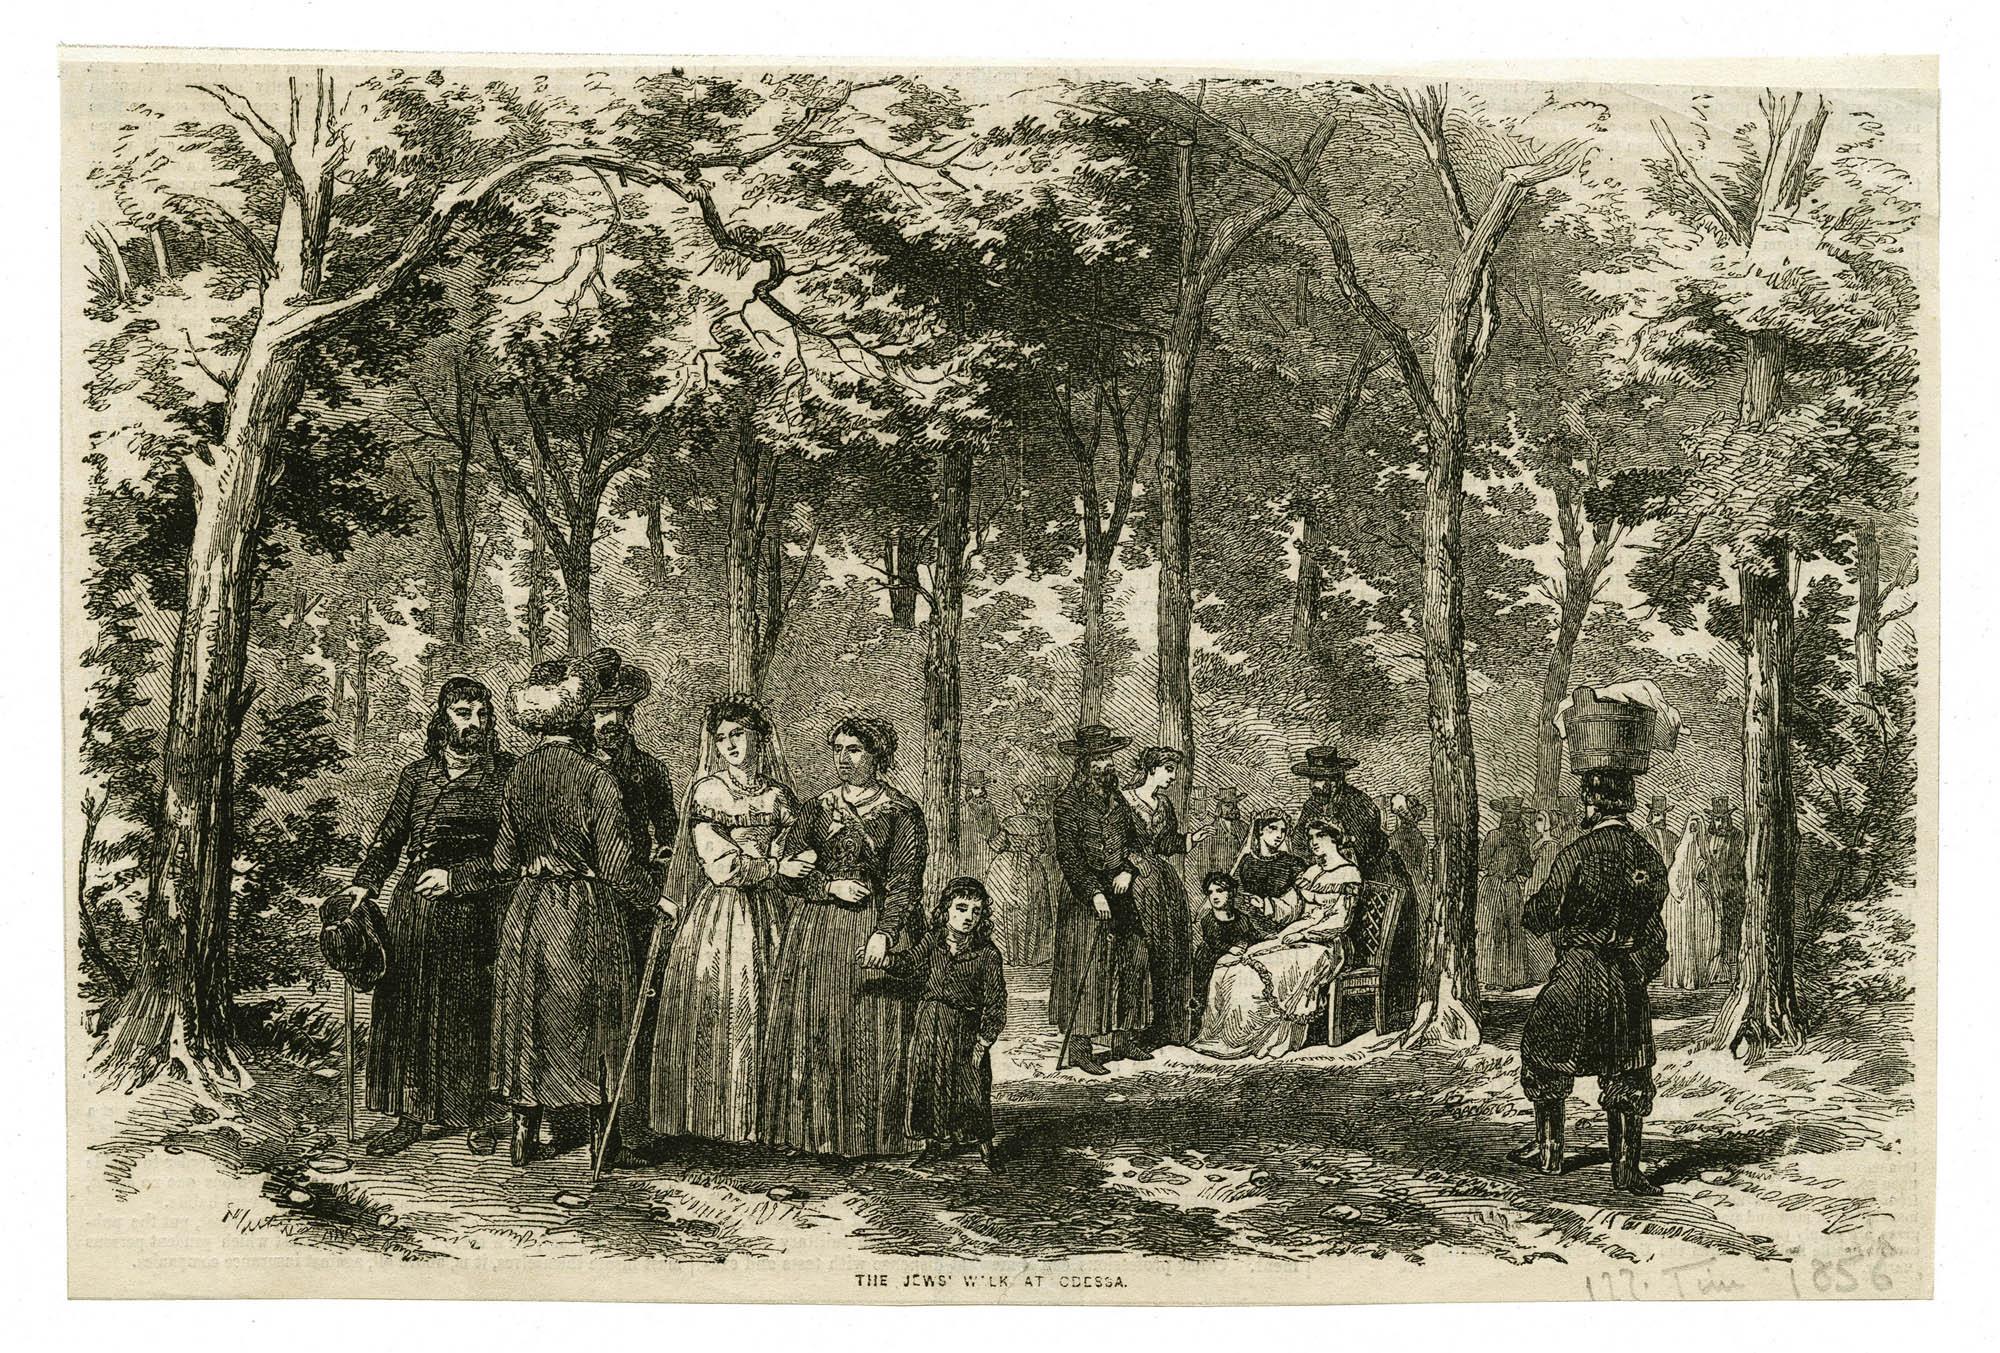 The Jews' walk at Odessa